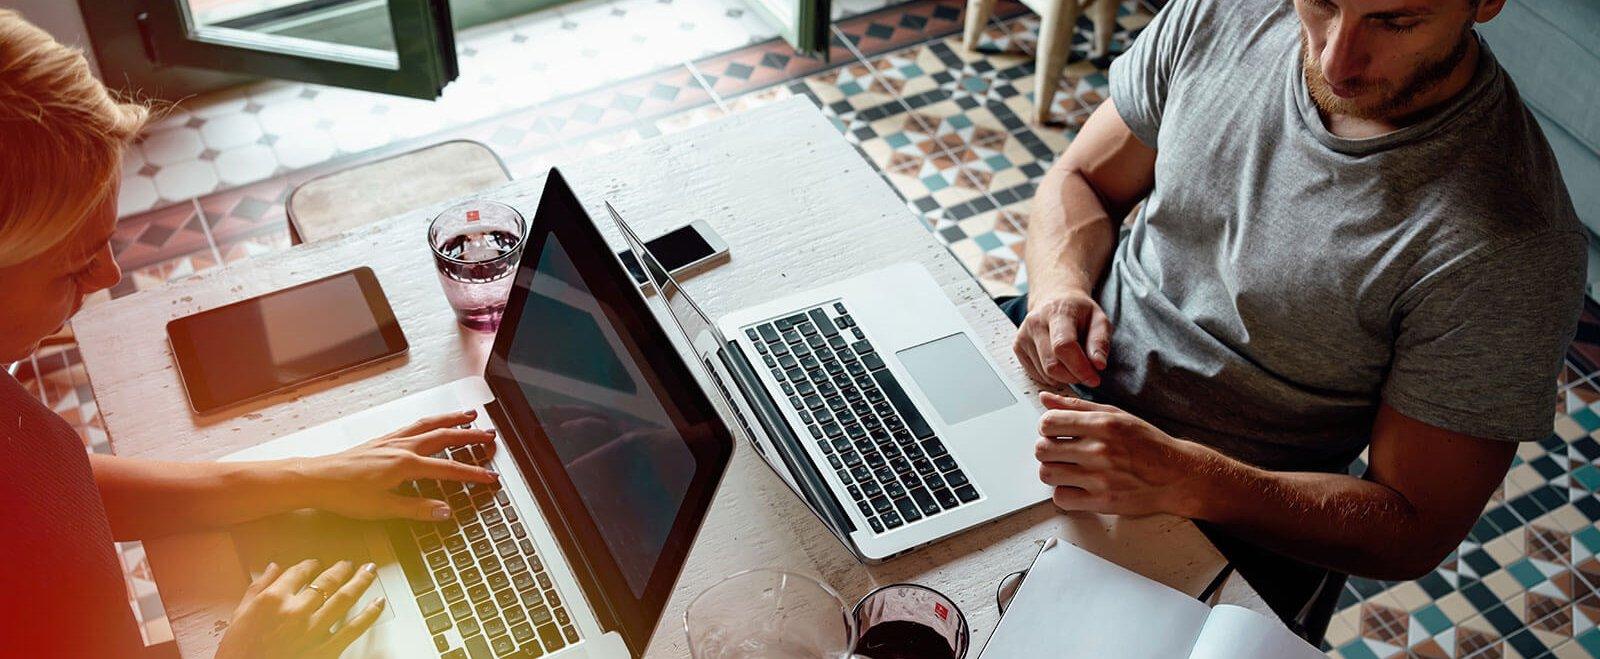 Wenn sich Job und Privatleben vermischen: Auf gute Zusammenarbeit